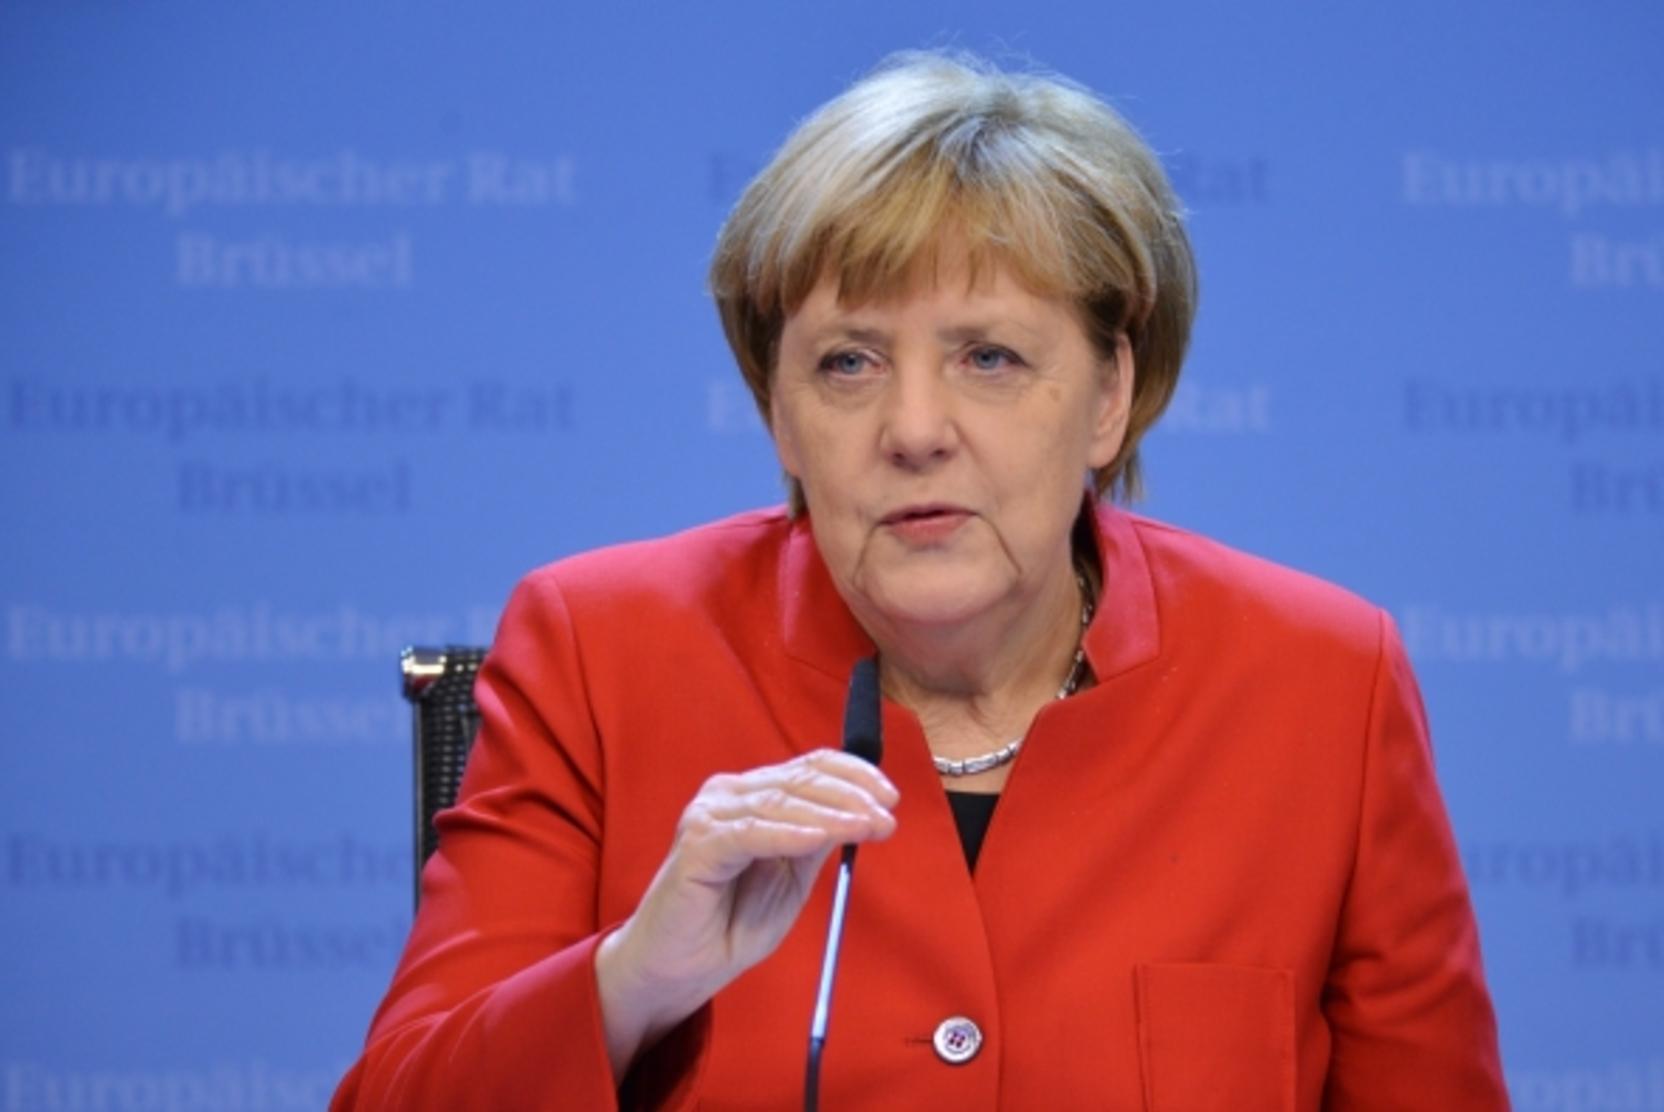 СМИ: Меркель предложила провести встречу лидеров ЕС и Путина